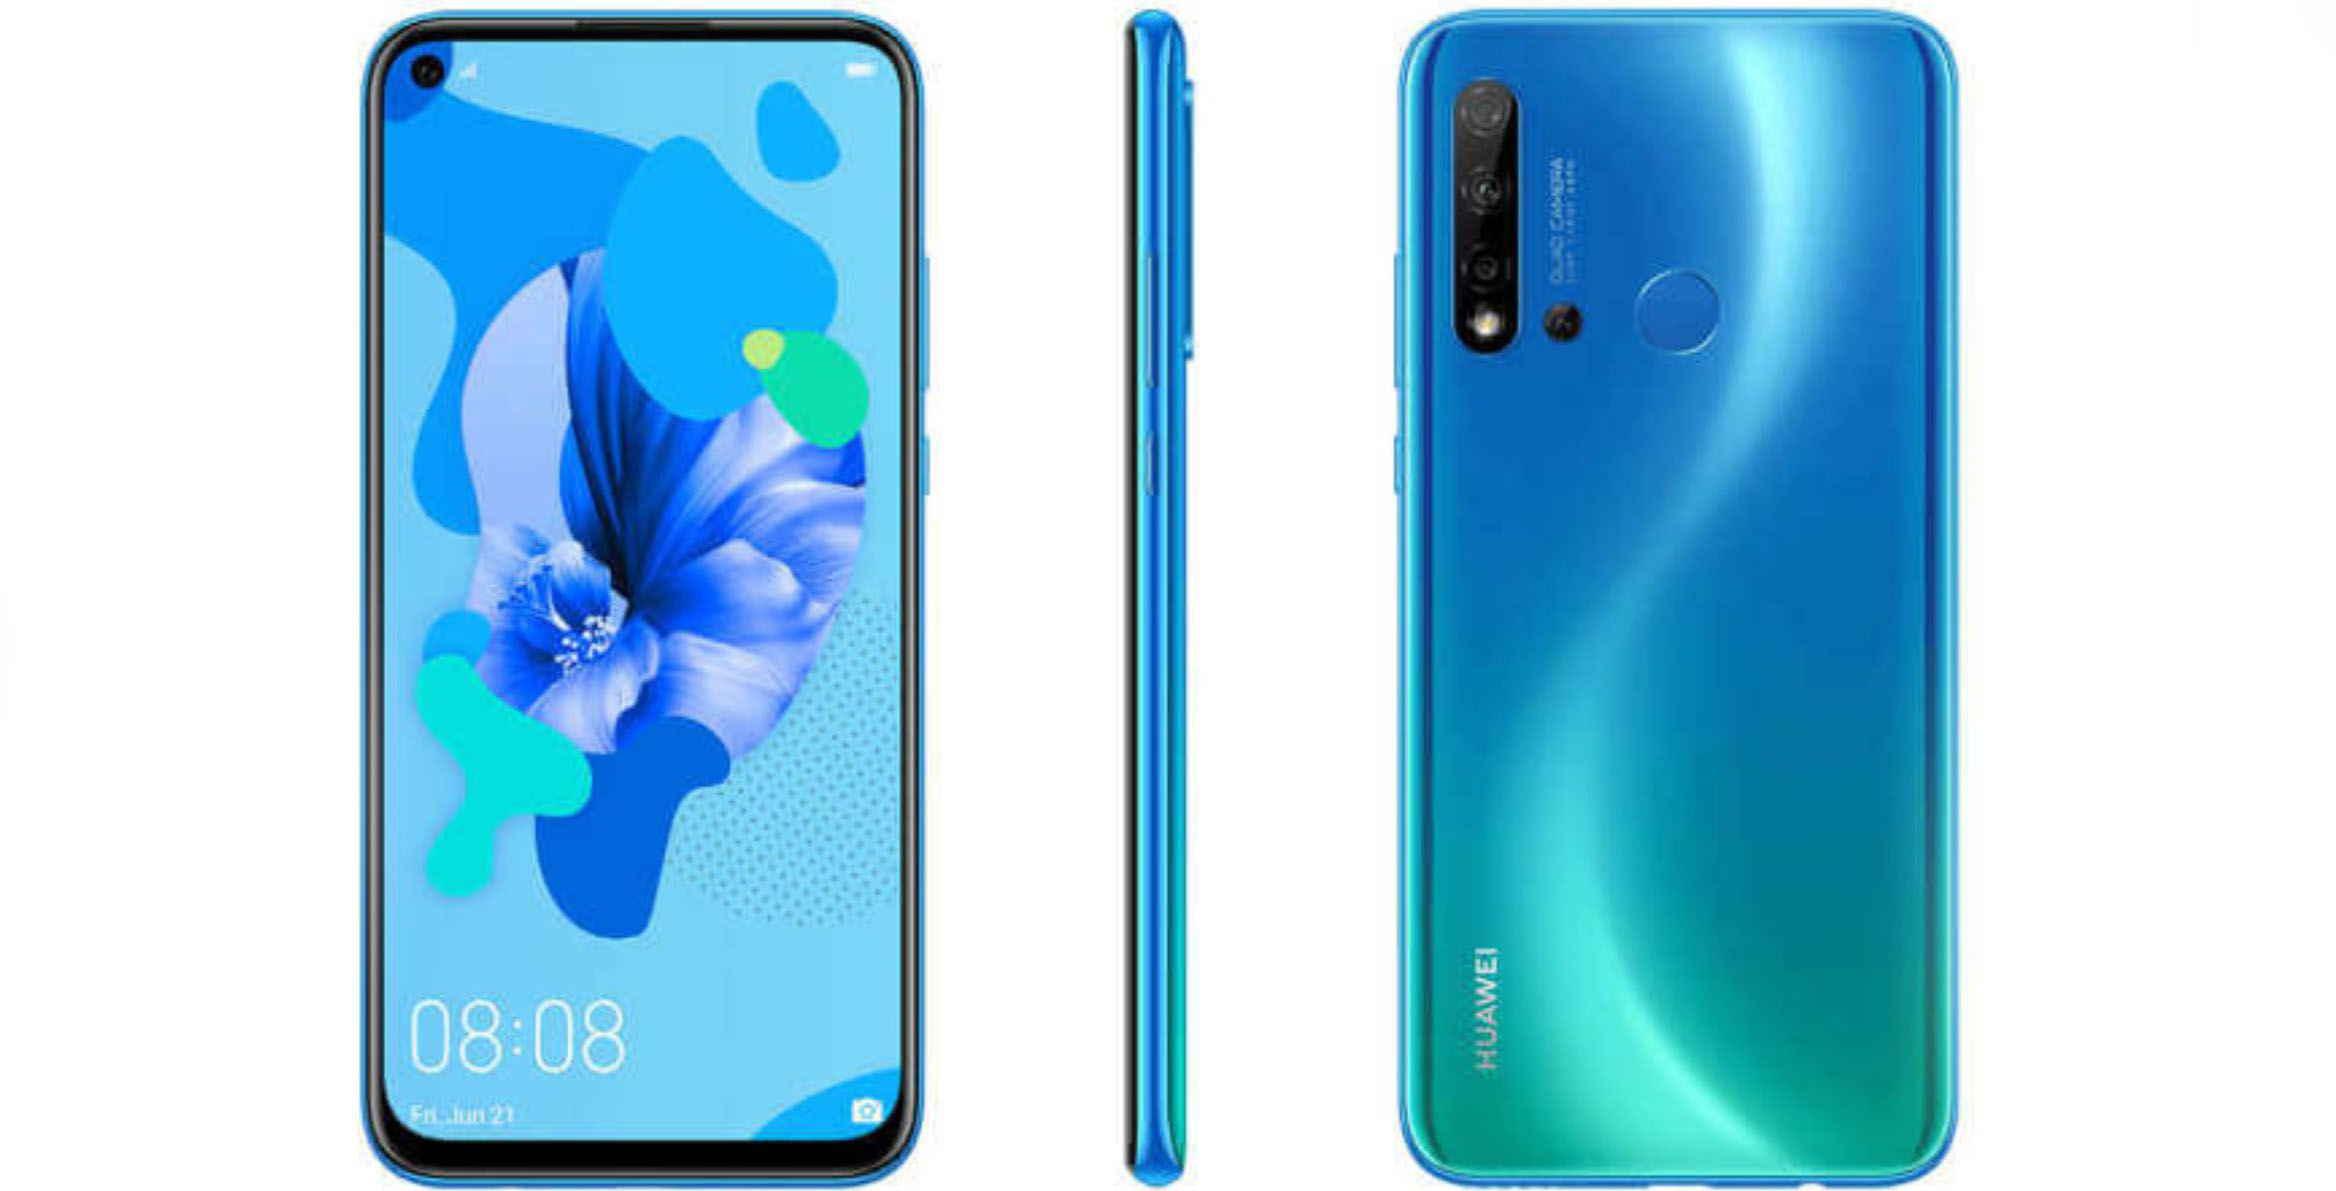 Huawei chuan bi ra mat mot chiec smartphone gia re voi man hinh duc lo va 4 camera sau (1).